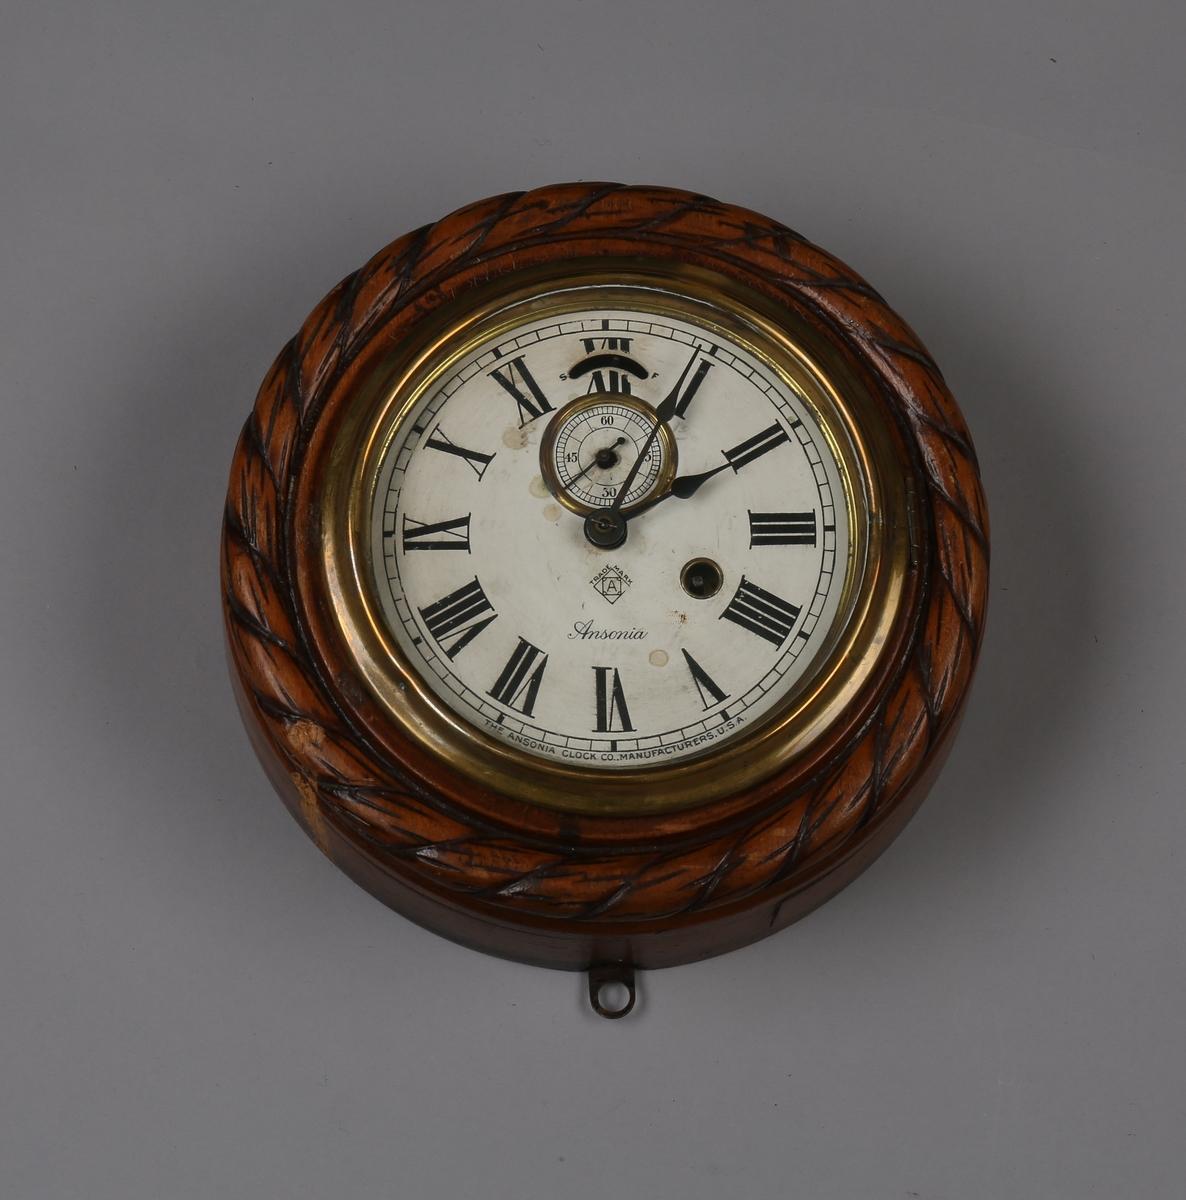 Rundt veggur fra salongen på DS NORDFJORD I, bg. 1915. Glass over urskive er hengslet fast og kan åpnes når klokken skal trekkes opp. Nøkkel til opptrekk mangler.